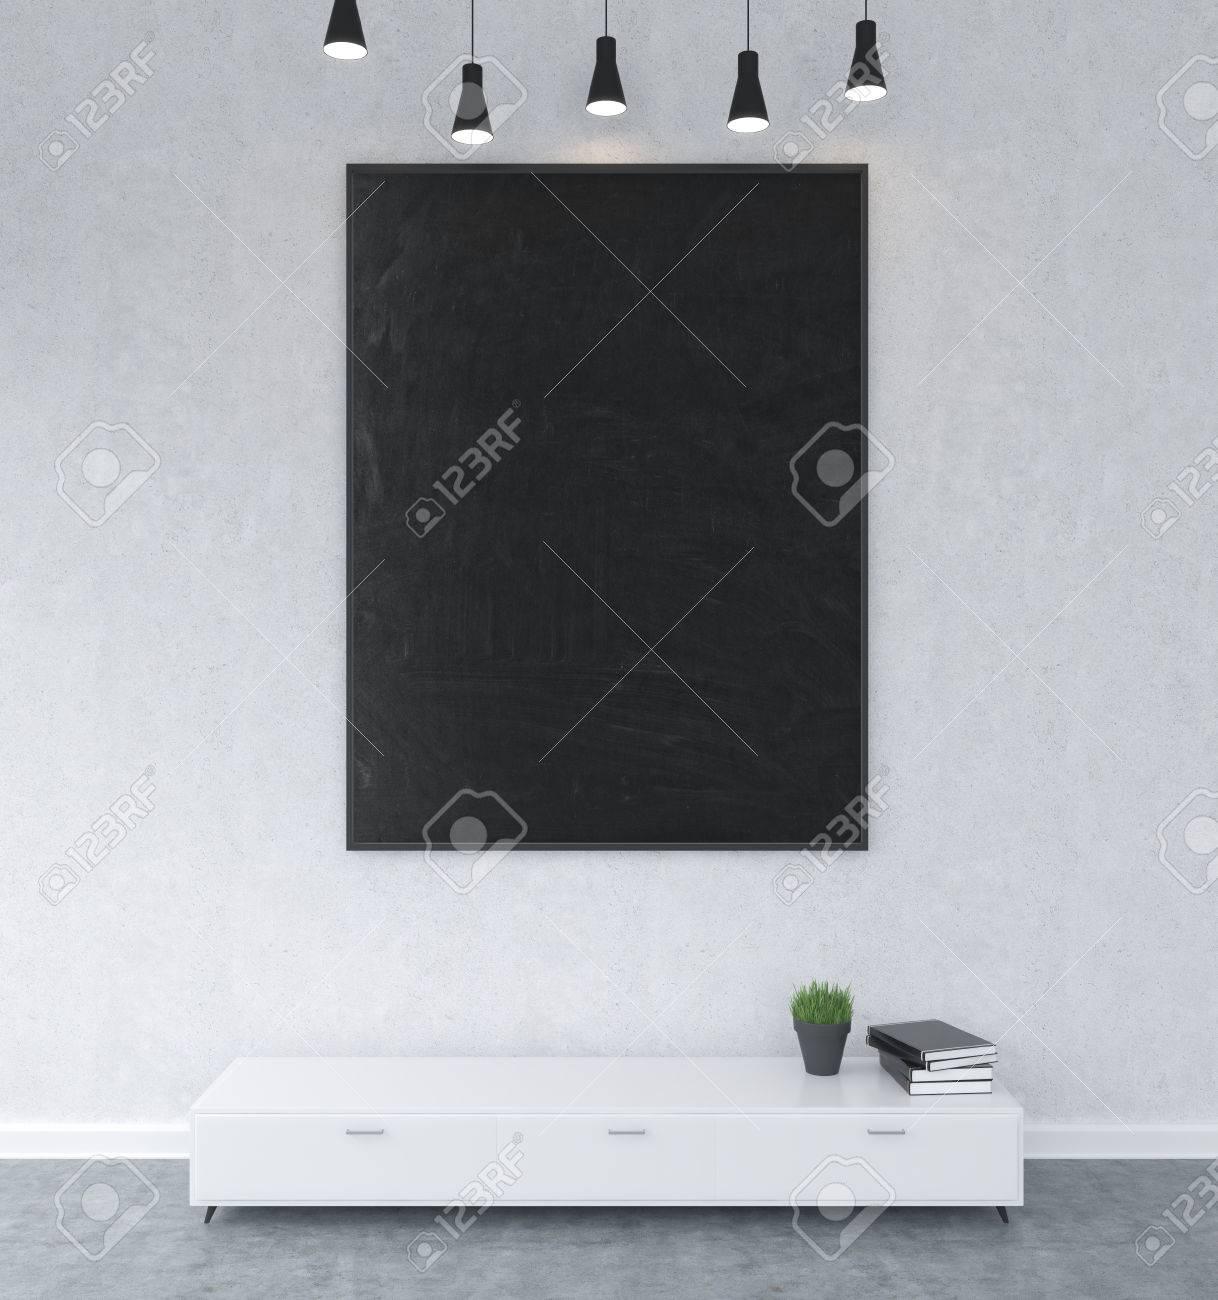 Ein Großer Schwarzer Rahmen An Der Wand über Einem Regal, Bücher Und ...